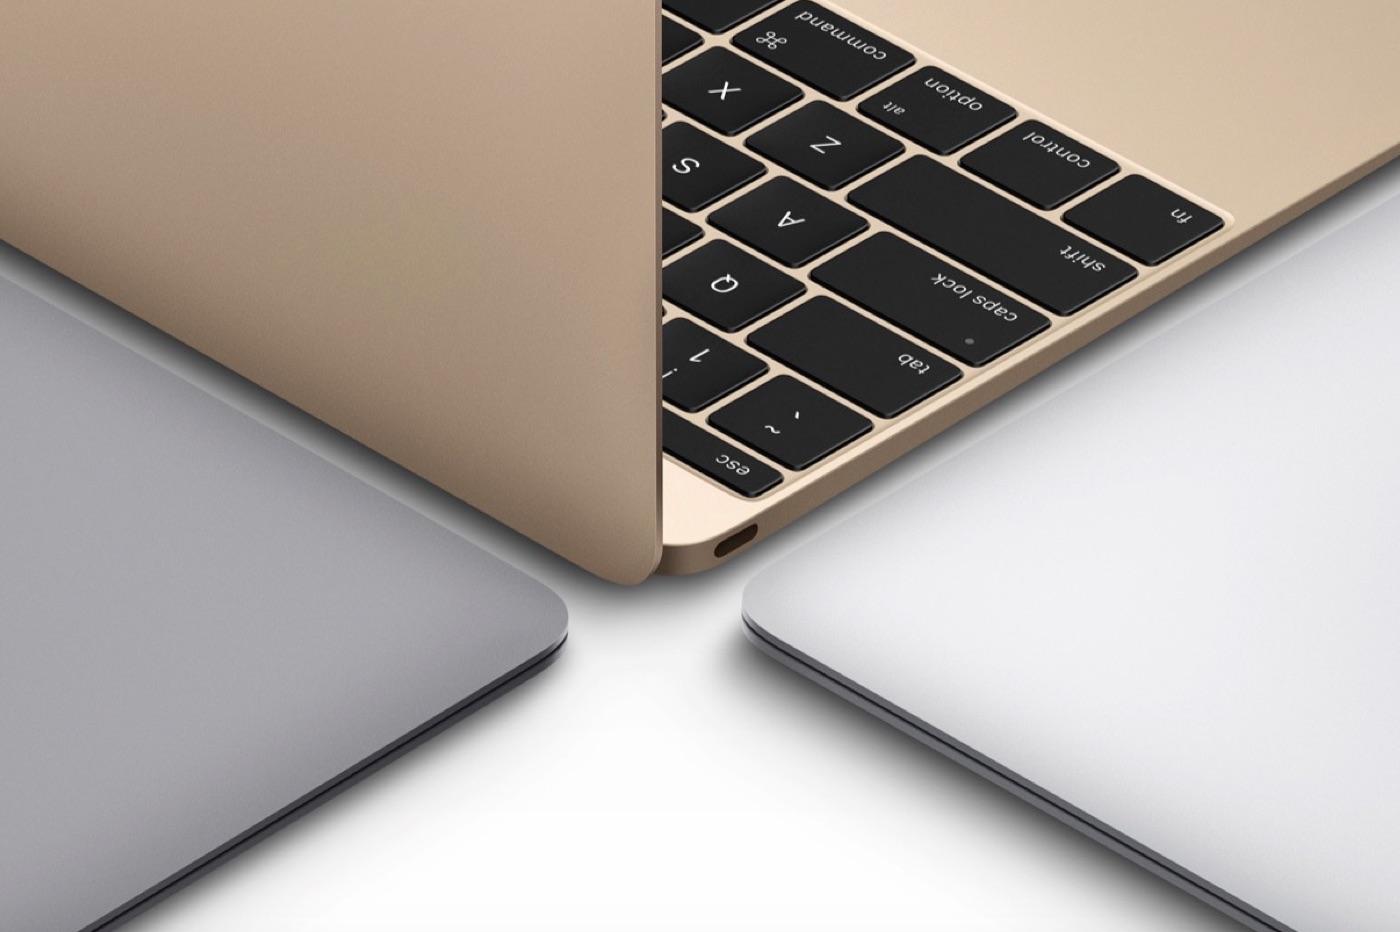 Le MacBook 12'' est mort, vive le MacBook Air 1